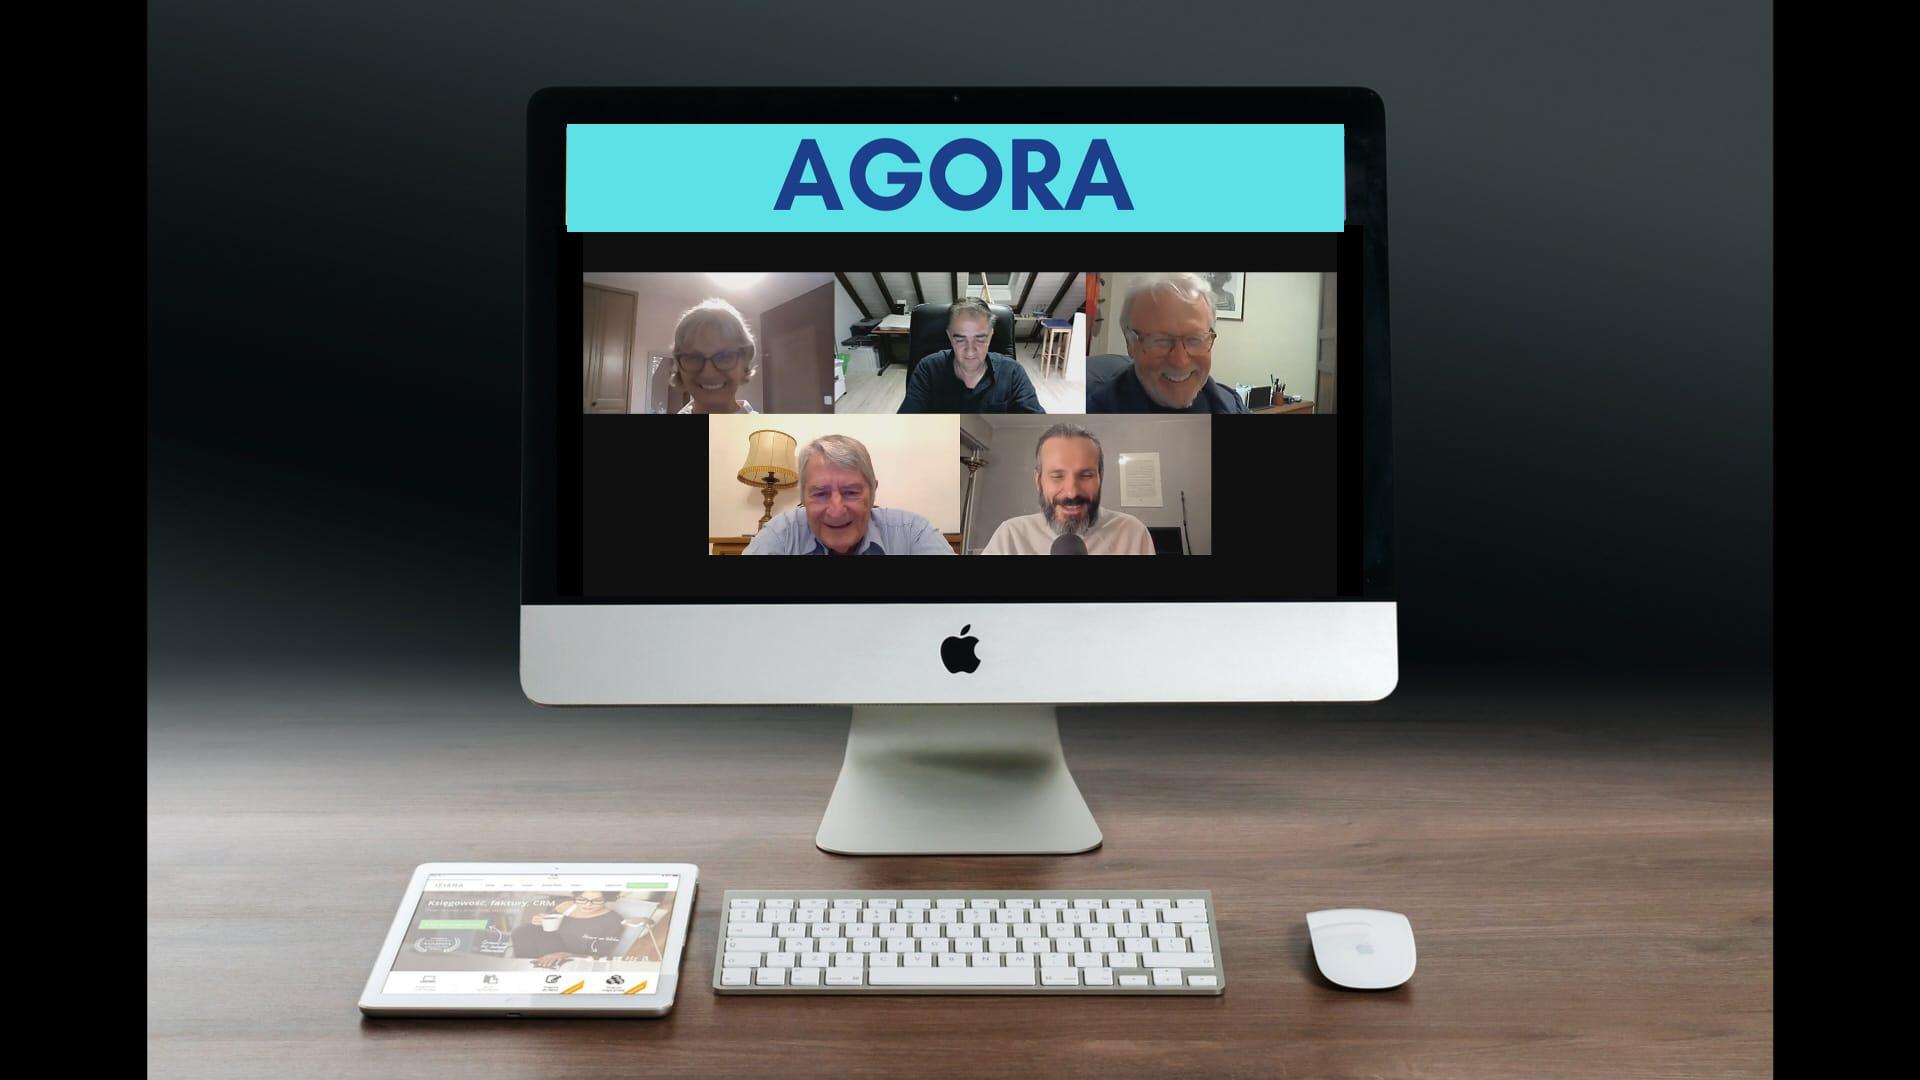 Les Agoras pour participer à des Cours Collectifs d'Harmonica